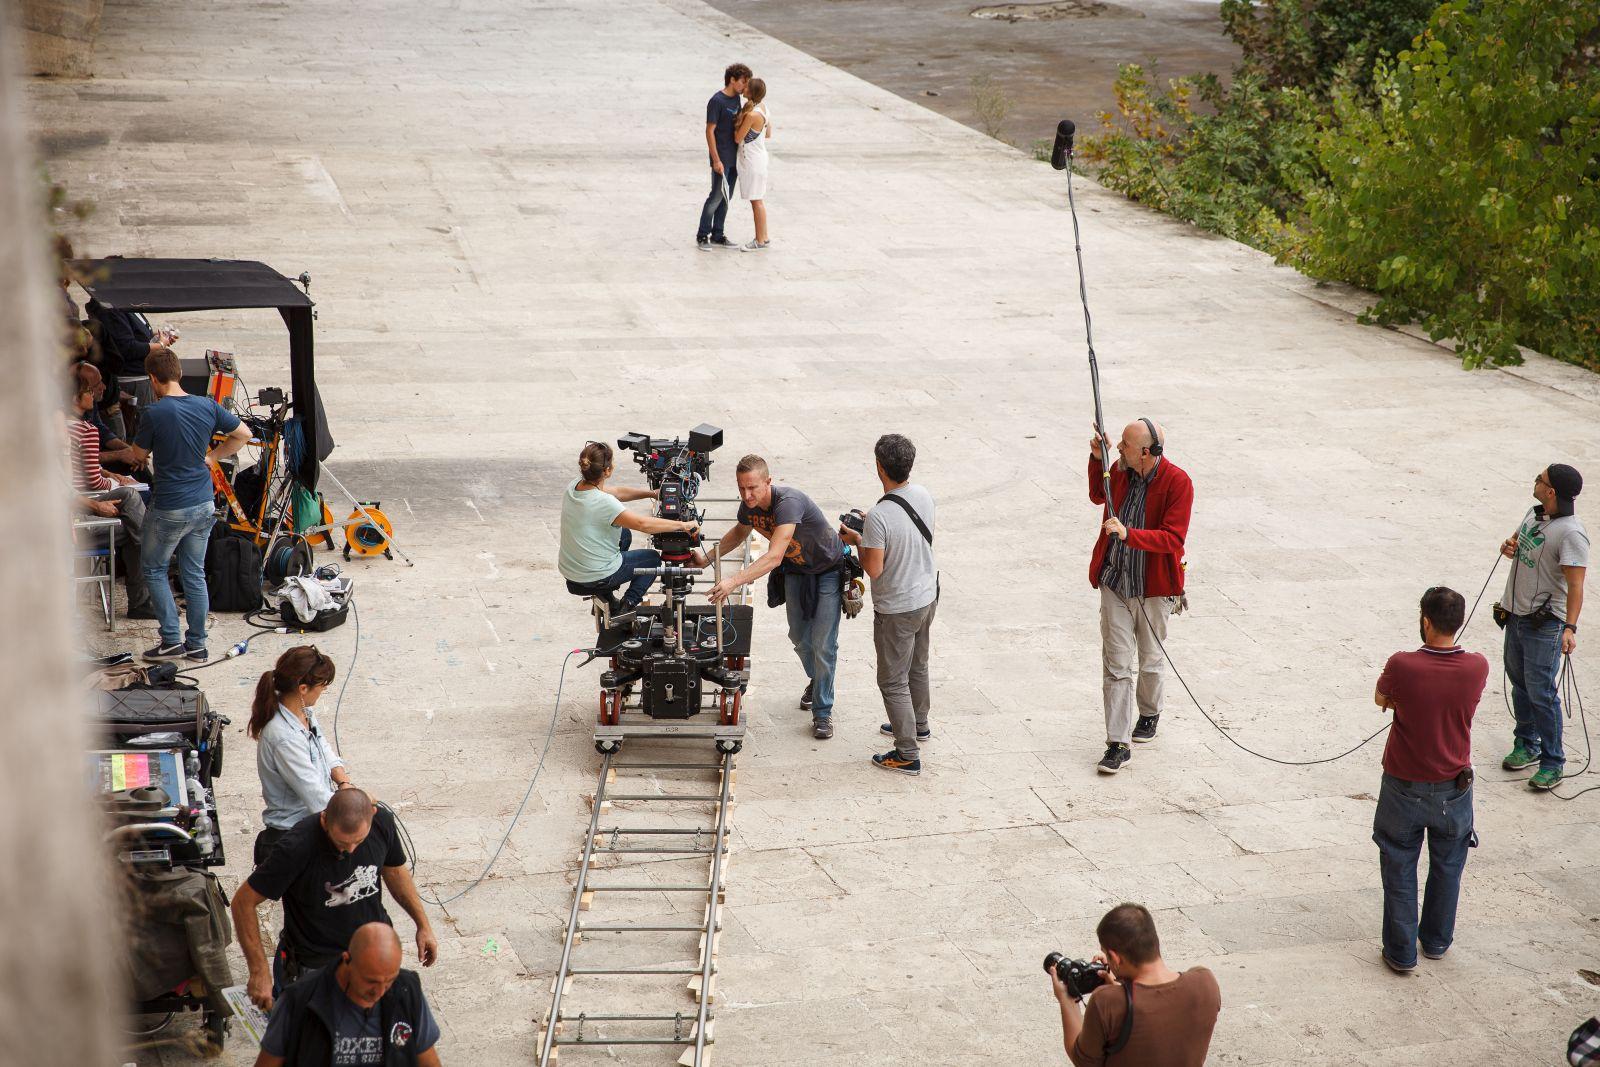 Esclusiva: Slam - Tutto per una ragazza, Barbara Ramella e Ludovico Tersigni si baciano in un'immagine dal set